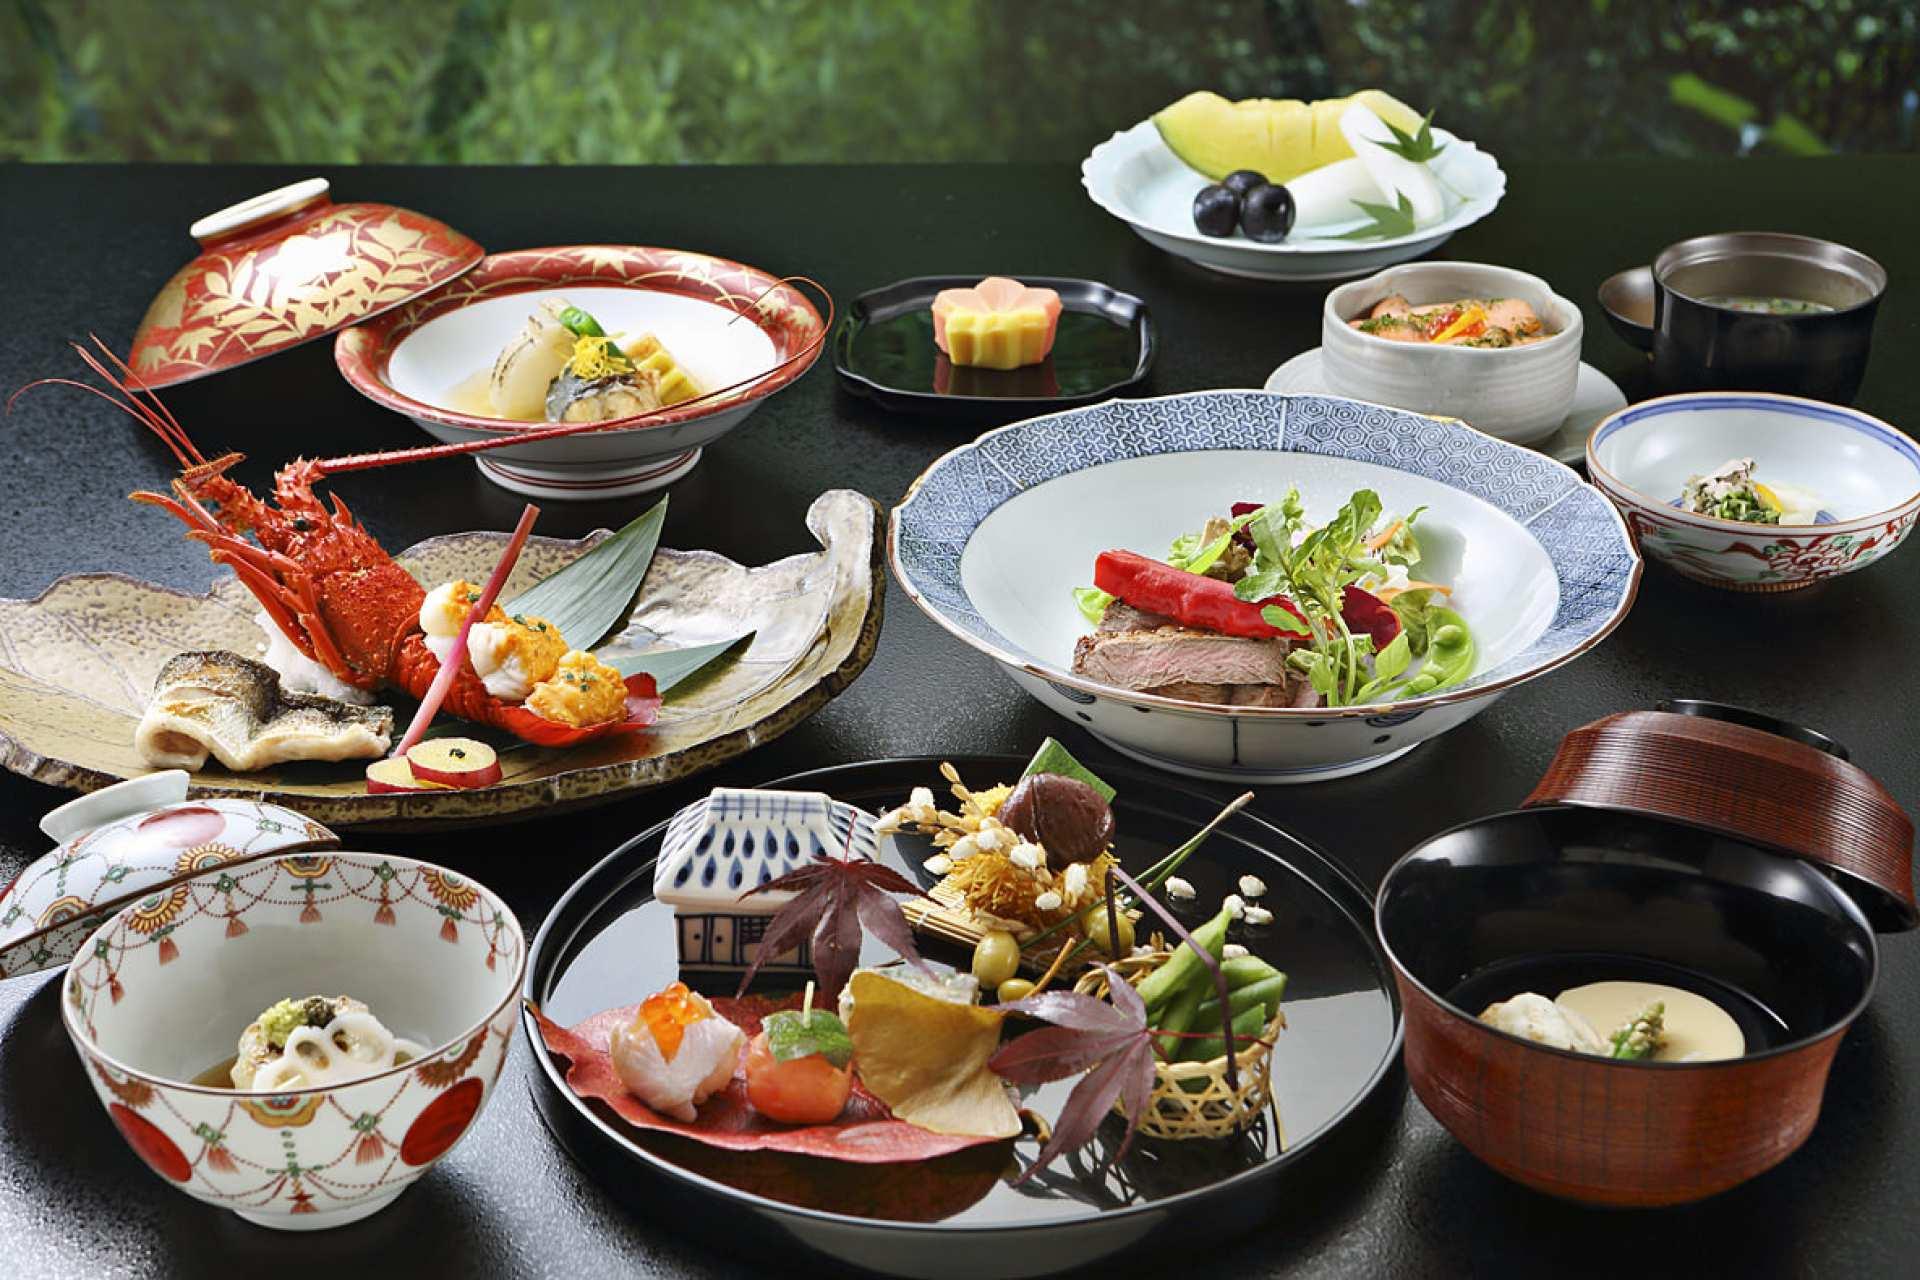 【東京美食】早稻田傳統日式高級料亭餐廳・料亭 錦水/ホテル椿山荘東京